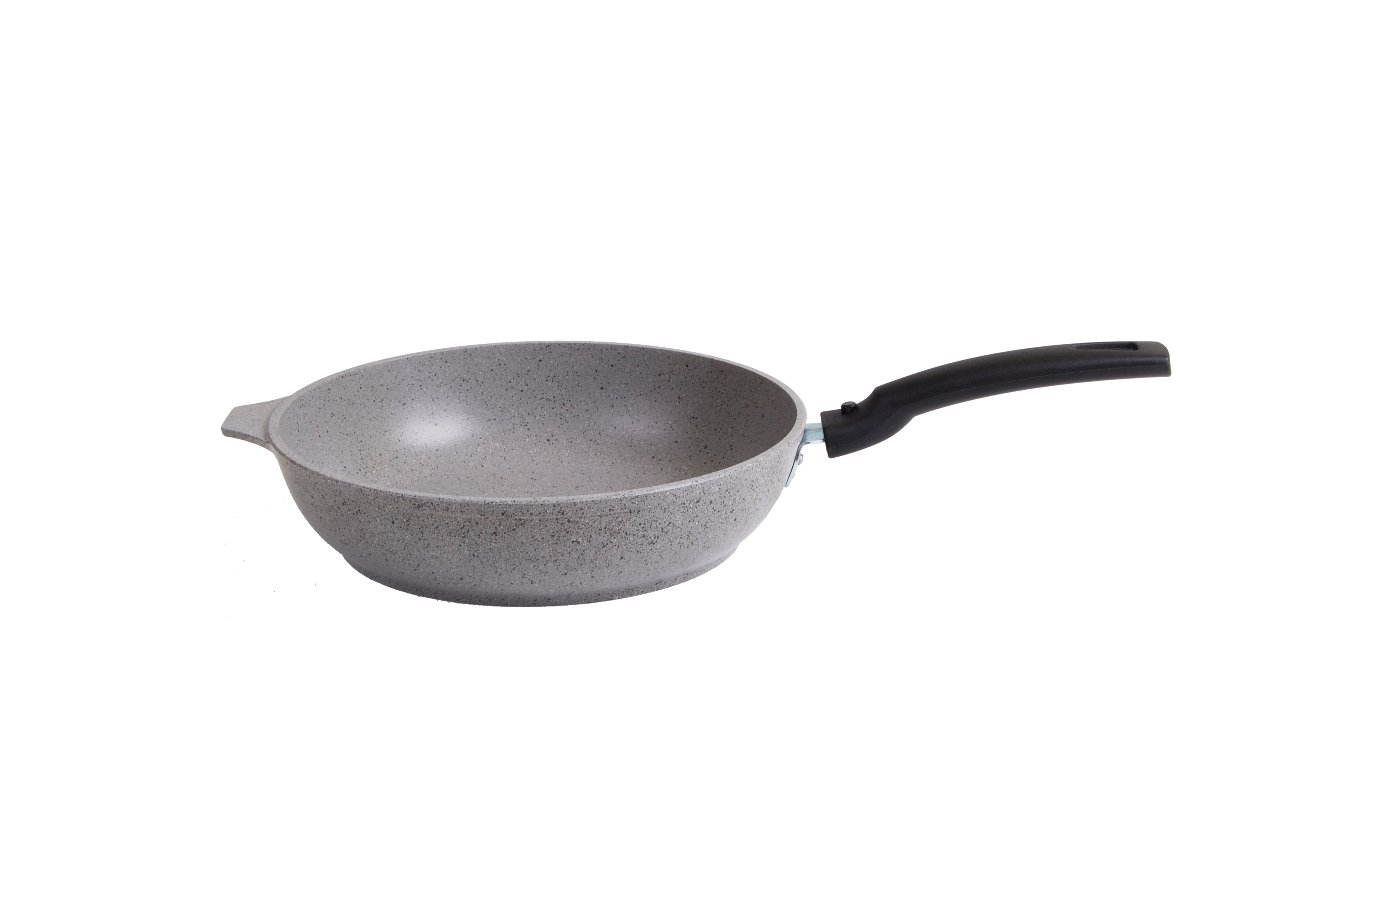 Сковорода KUKMARA смс246а Сковорода 240/60мм со съемной ручкой (светлый мрамор)